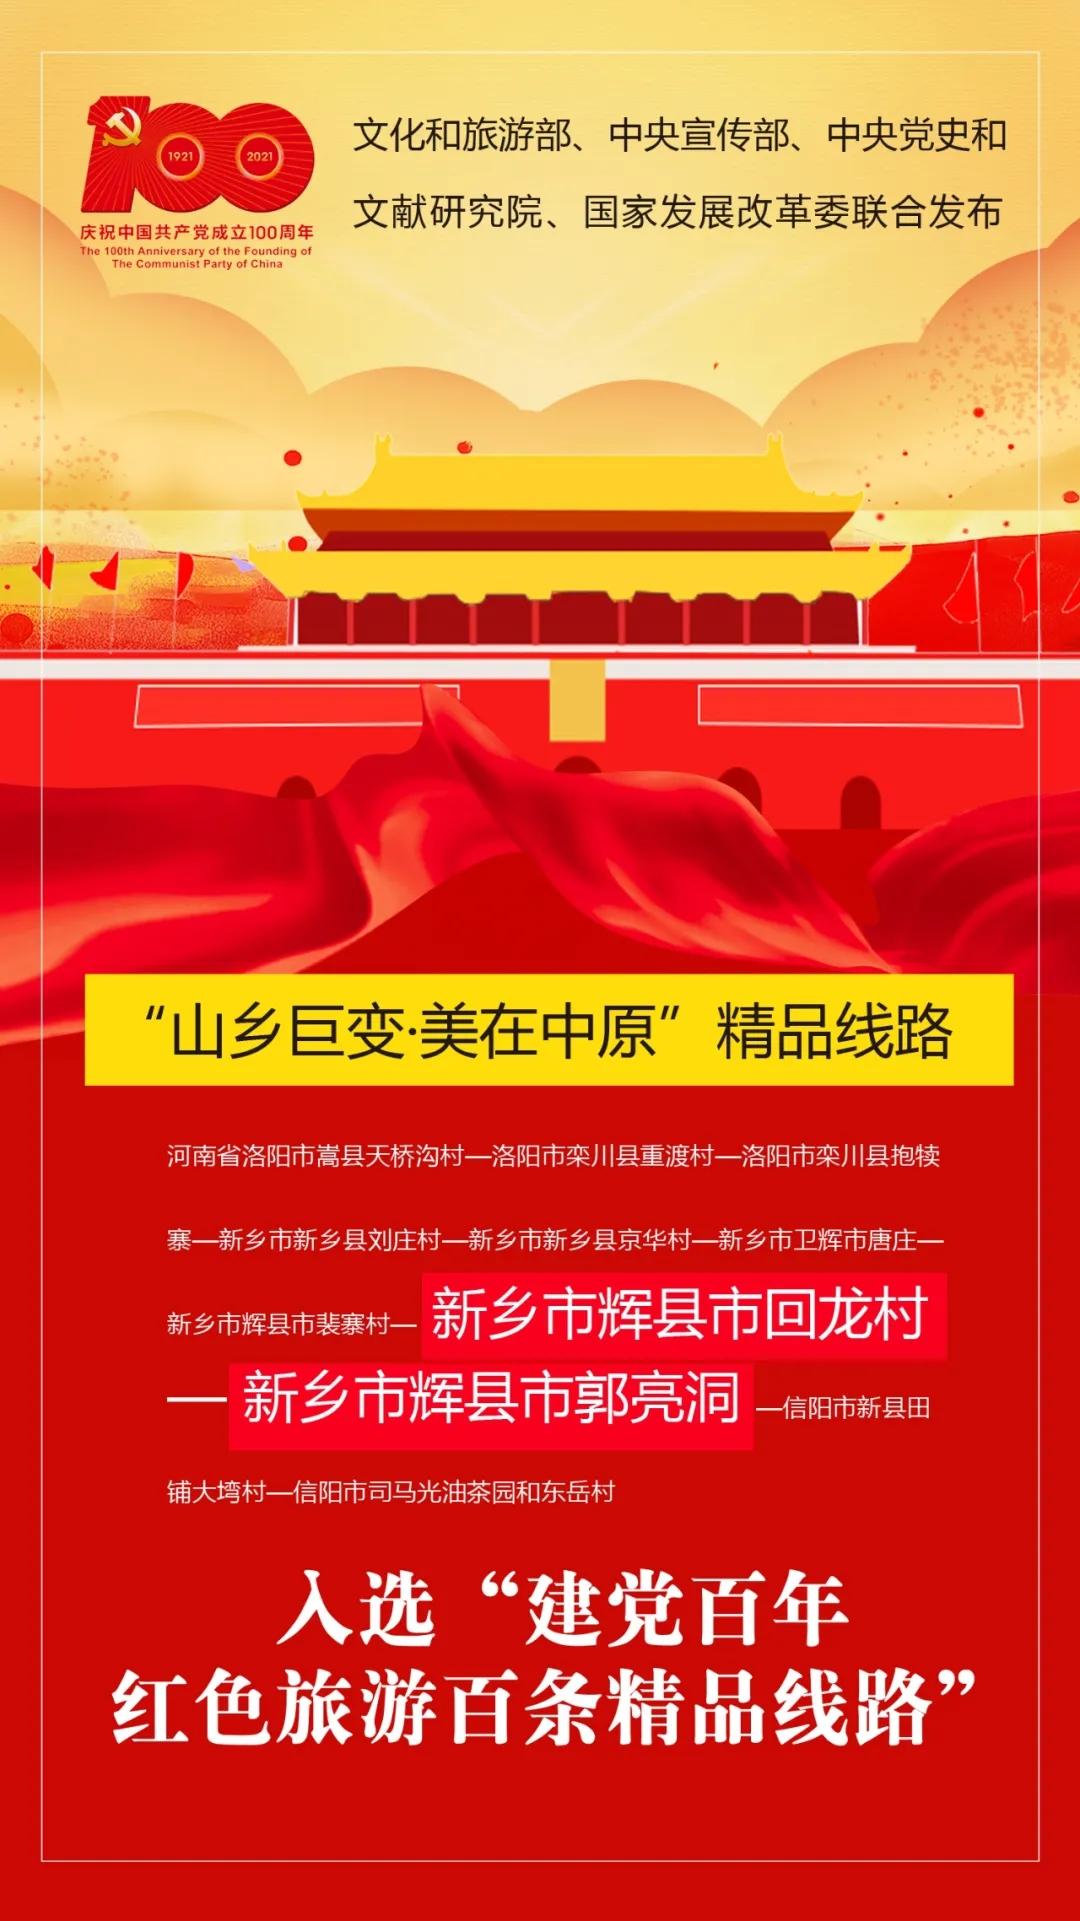 """【新乡南太行】榜上有名!回龙村、郭亮洞入选""""建党百年红色旅游百条精品线路"""""""